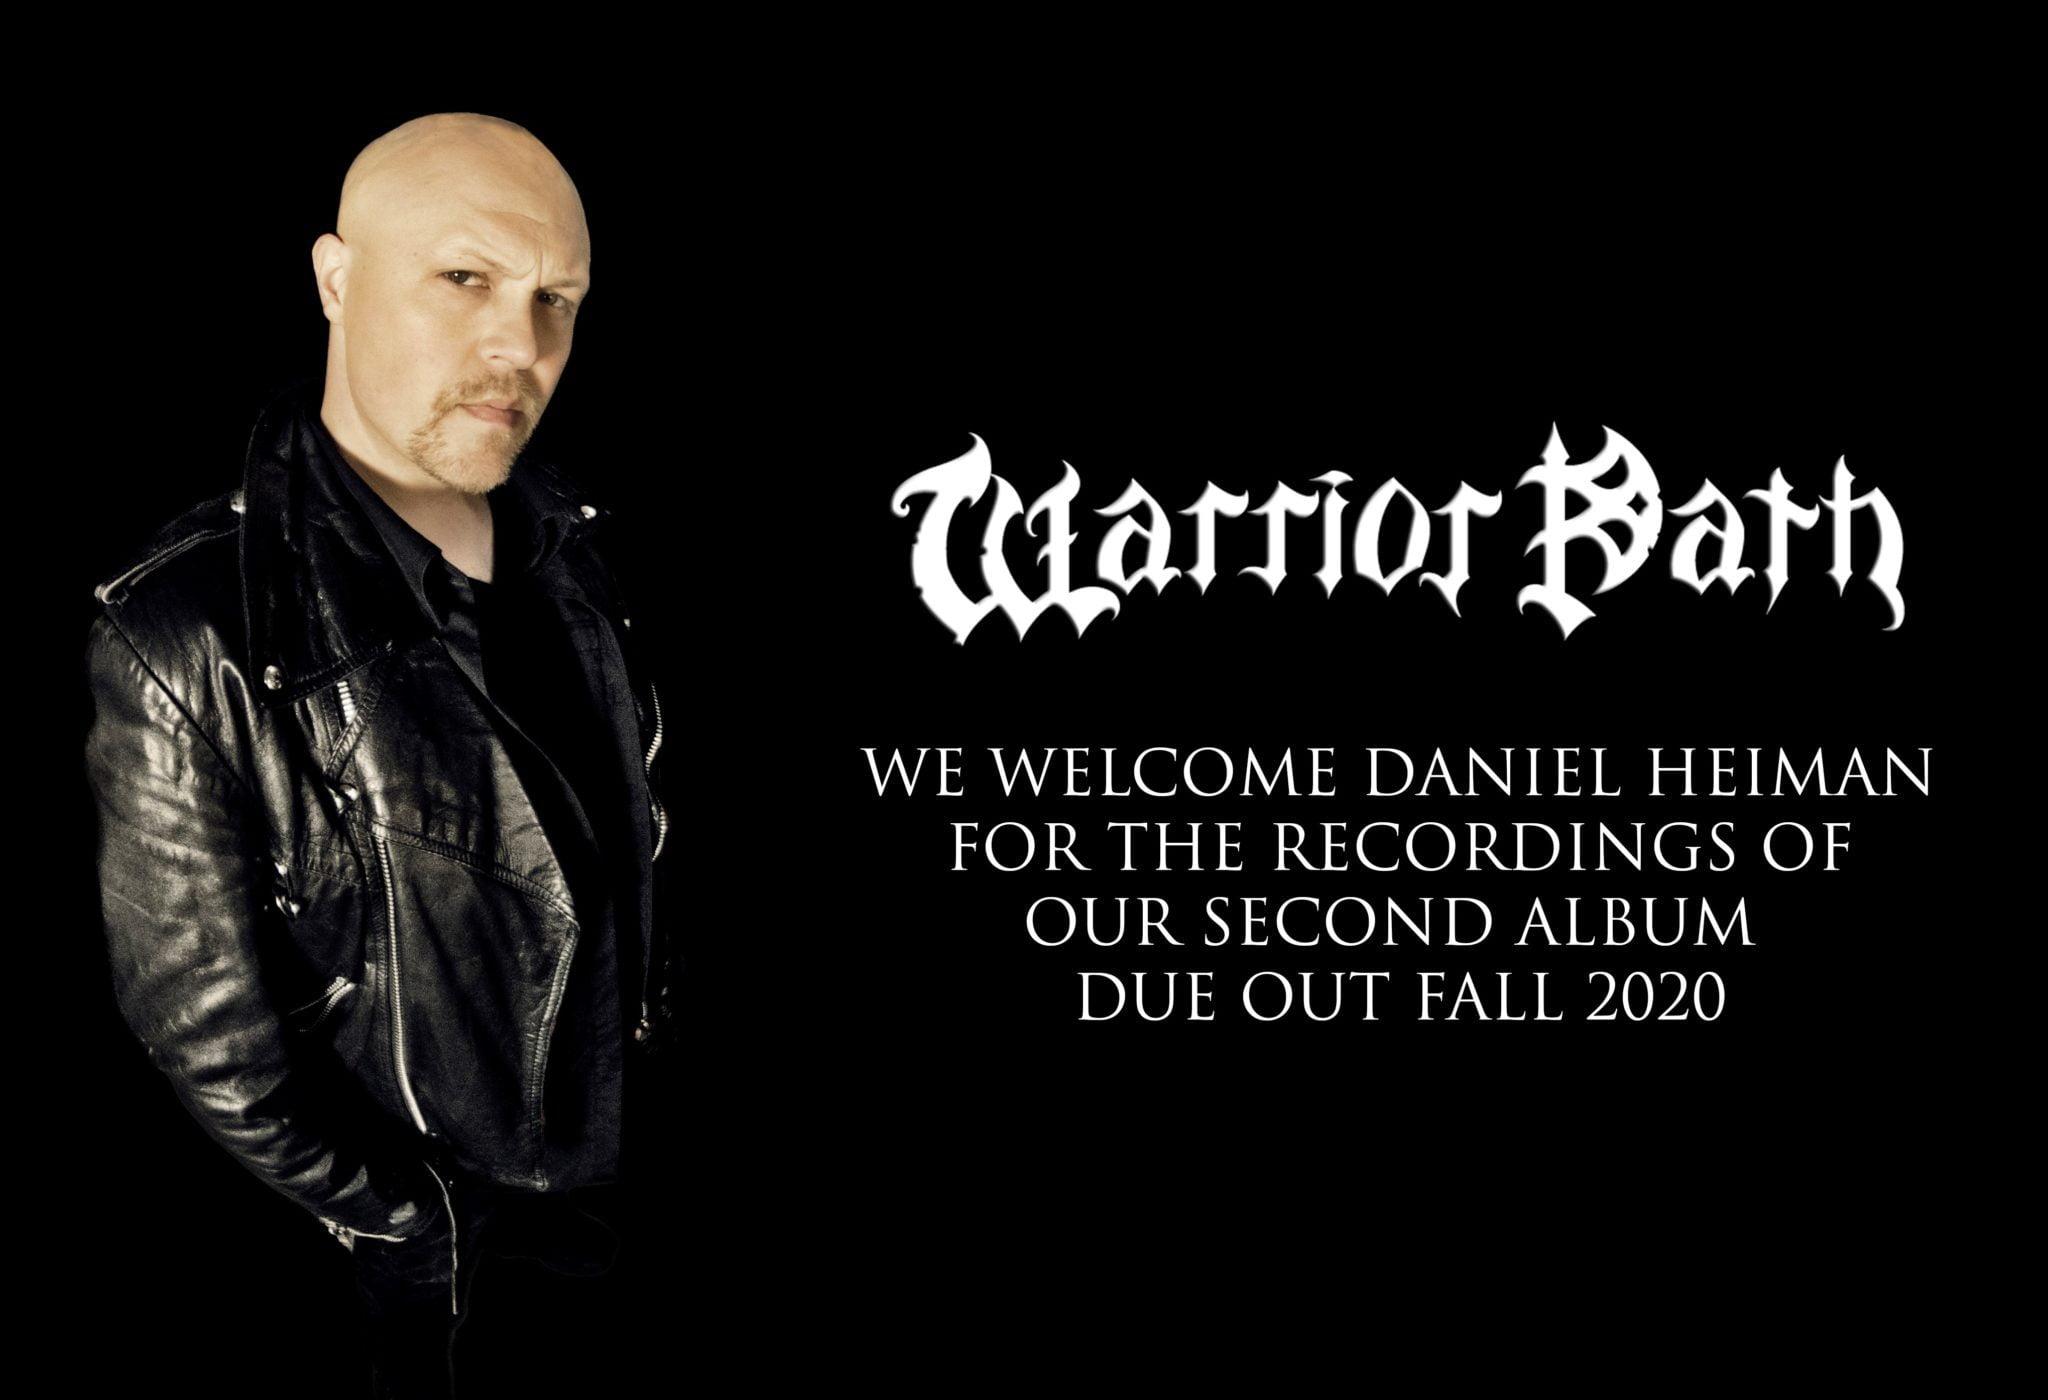 warrior path